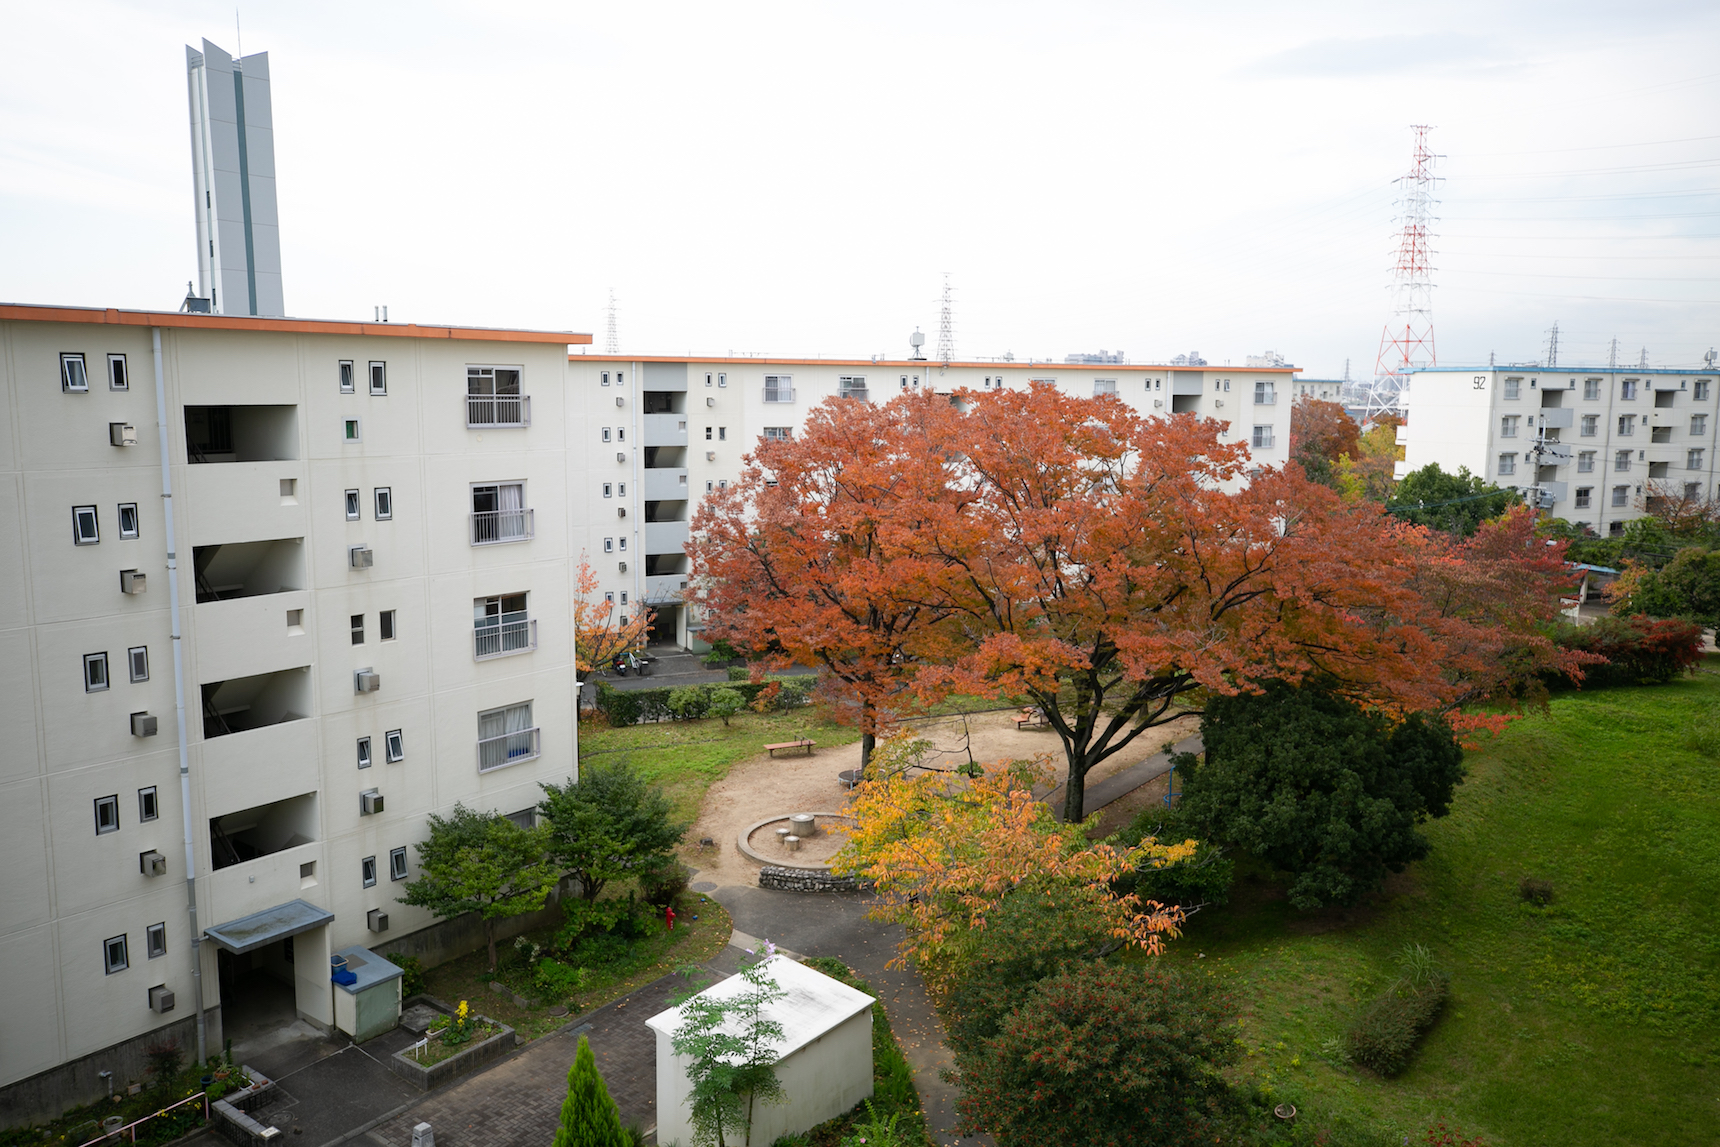 敷地内にウォーキングコース!緑あふれる環境と賑わいのある富田で、楽しい団地暮らし始めませんか